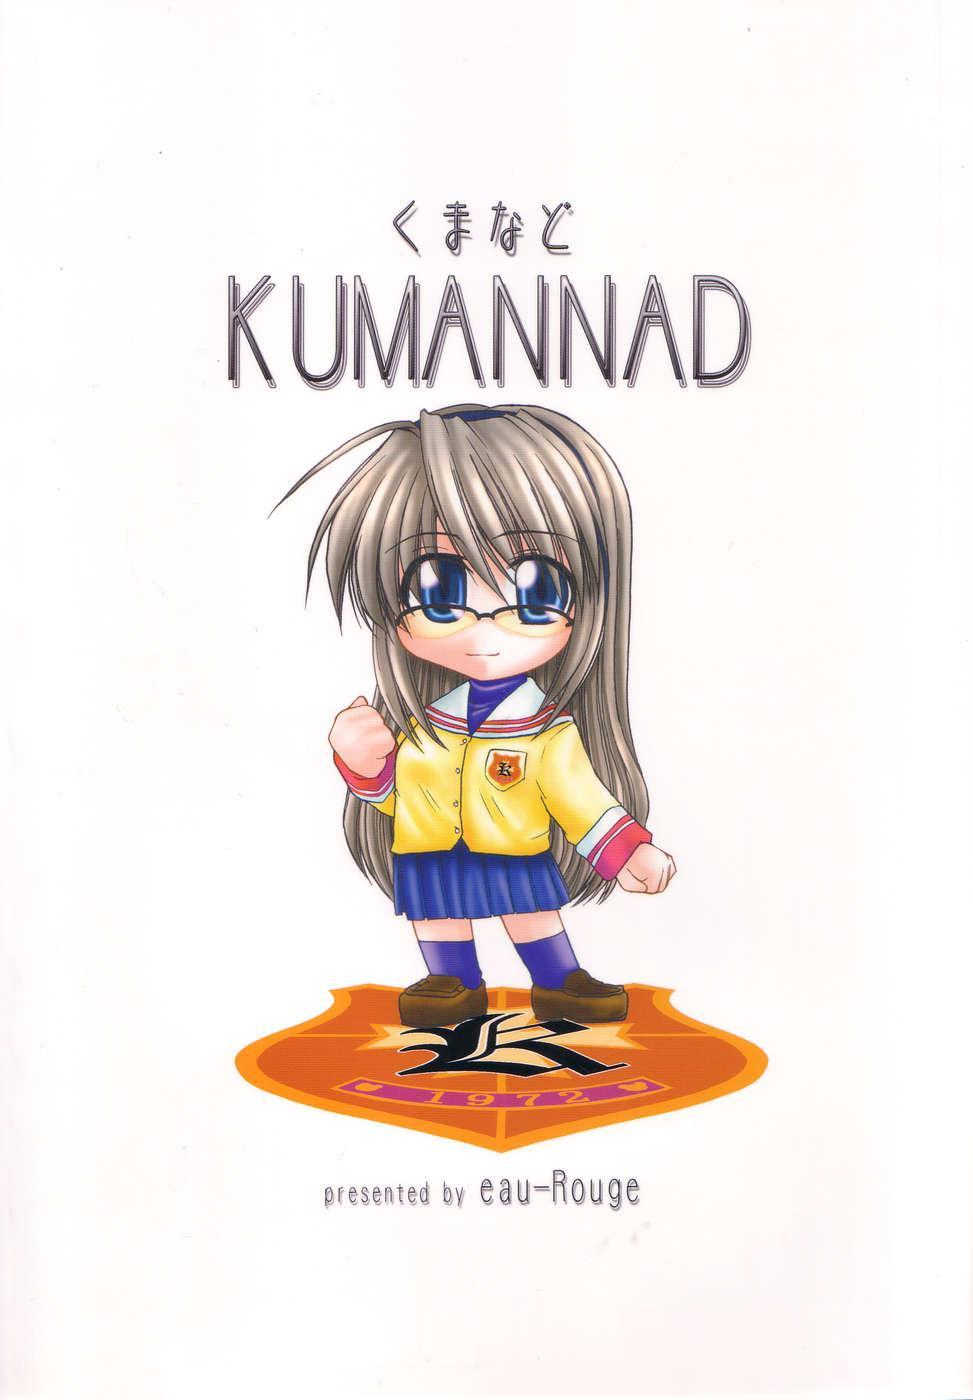 KUMANNAD 33